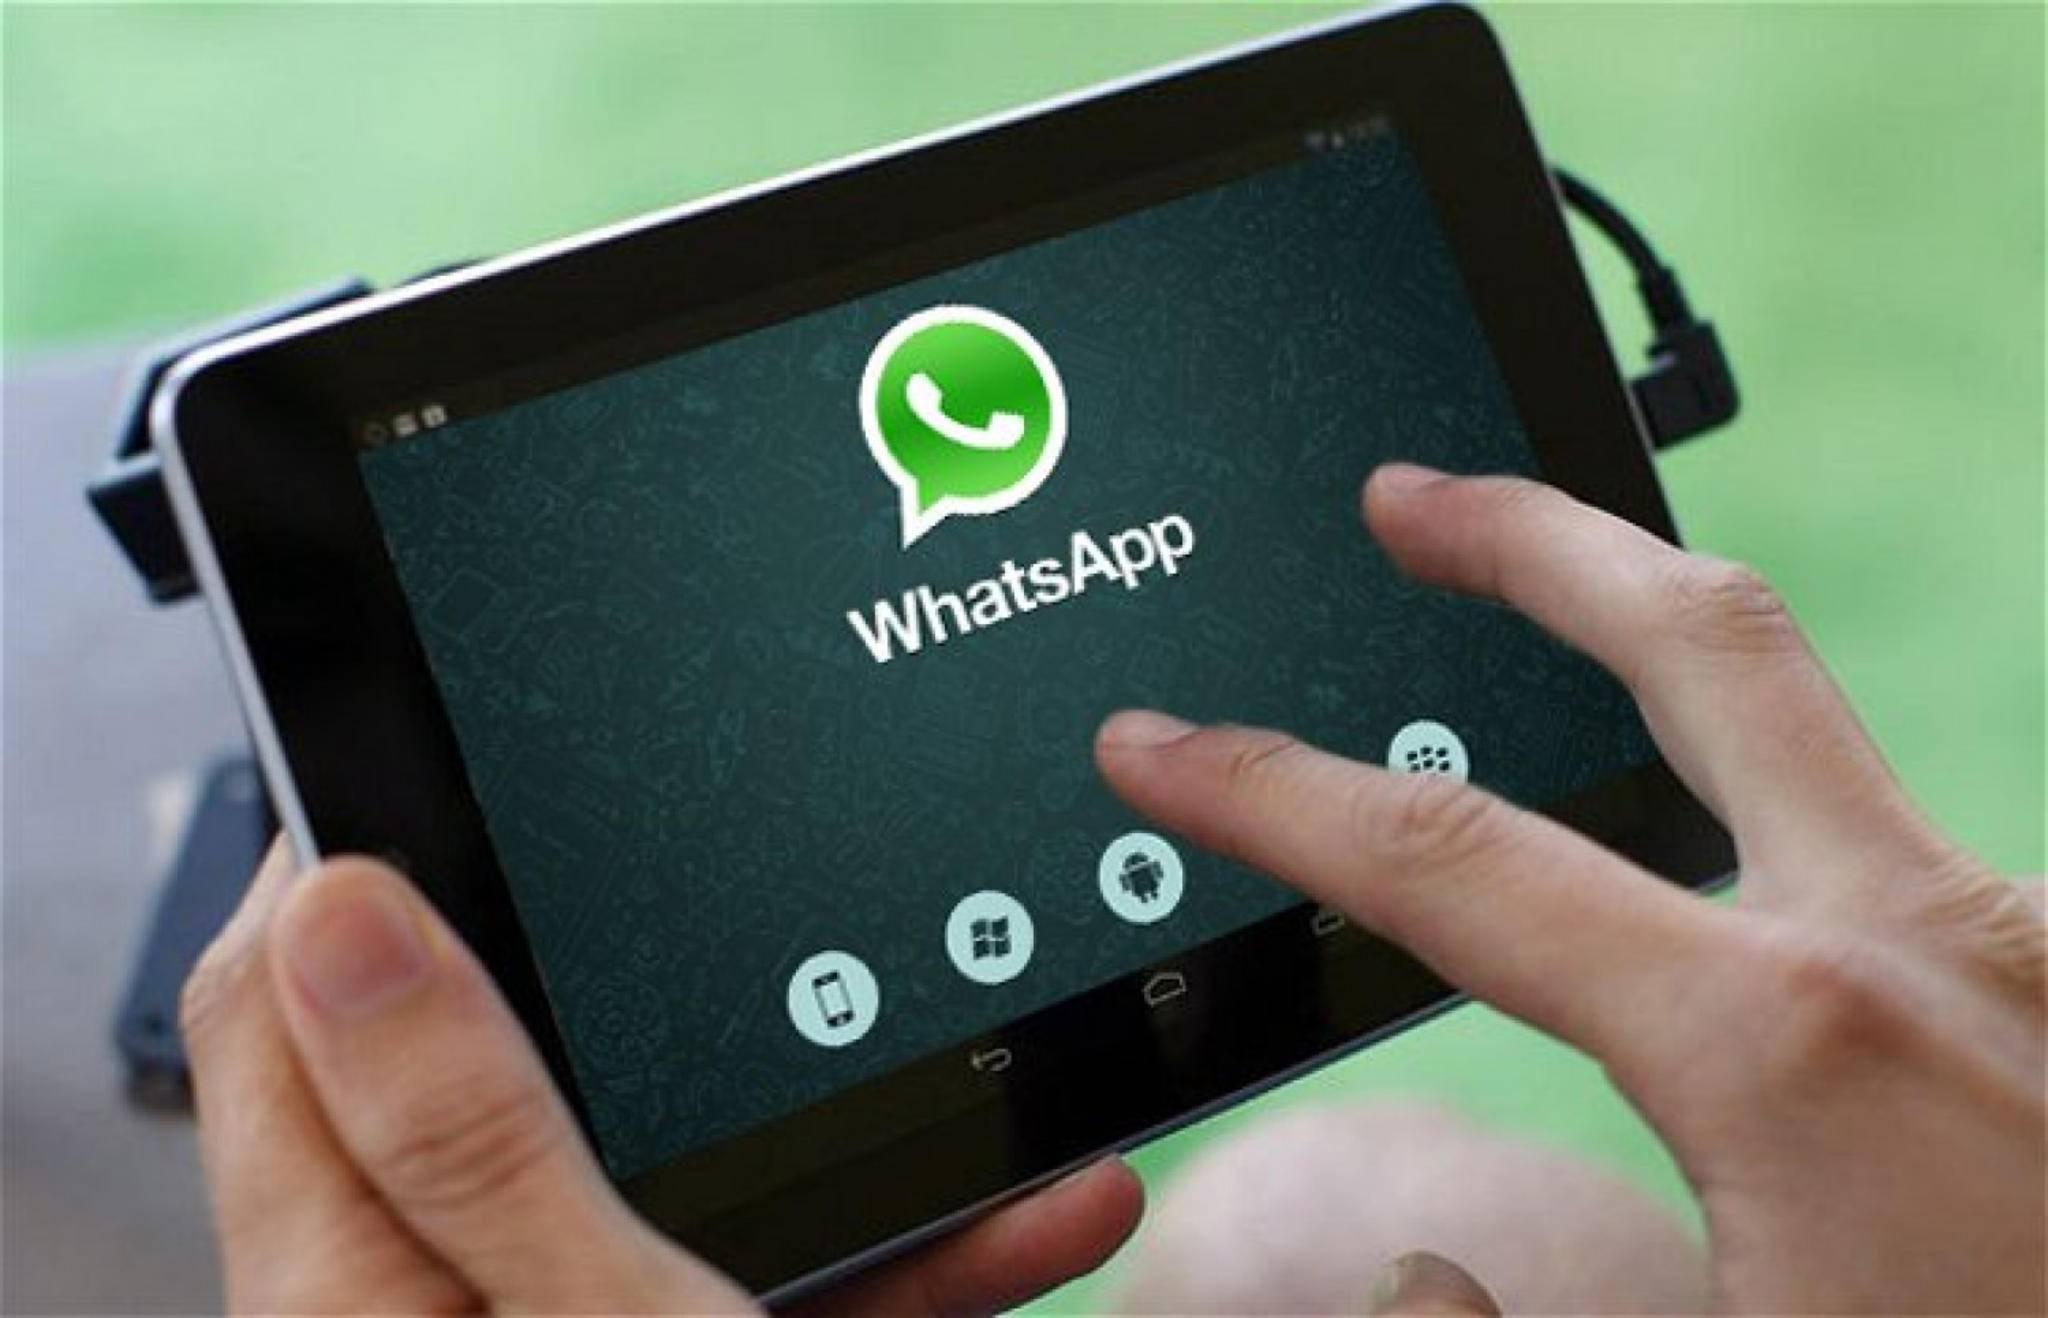 WhatsApp auf Android-Tablets – das funktioniert demnächst wohl offiziell über den Play Store.